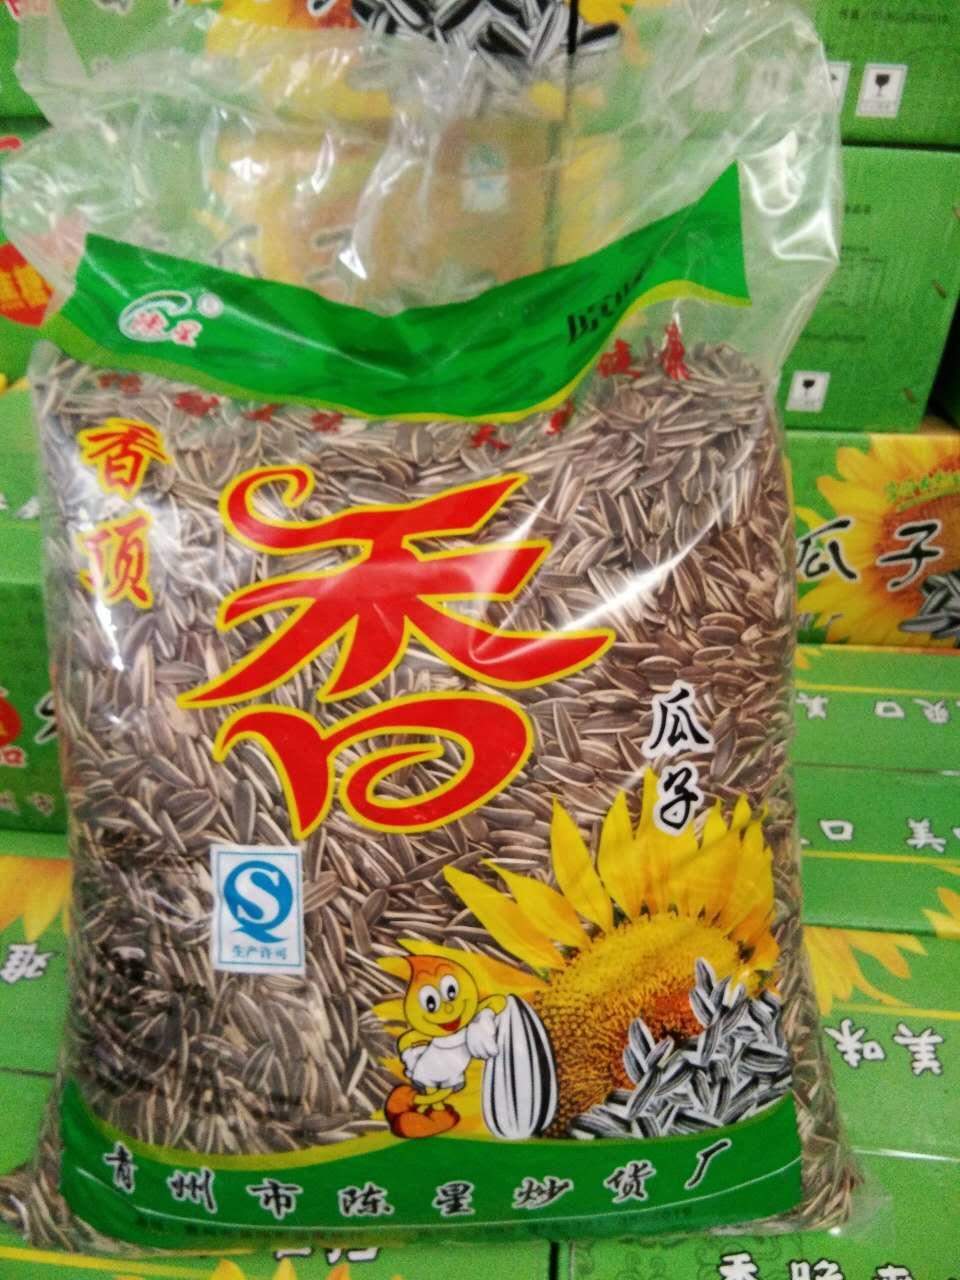 散装原味瓜子批发_潍坊地区哪里有卖优质炒货